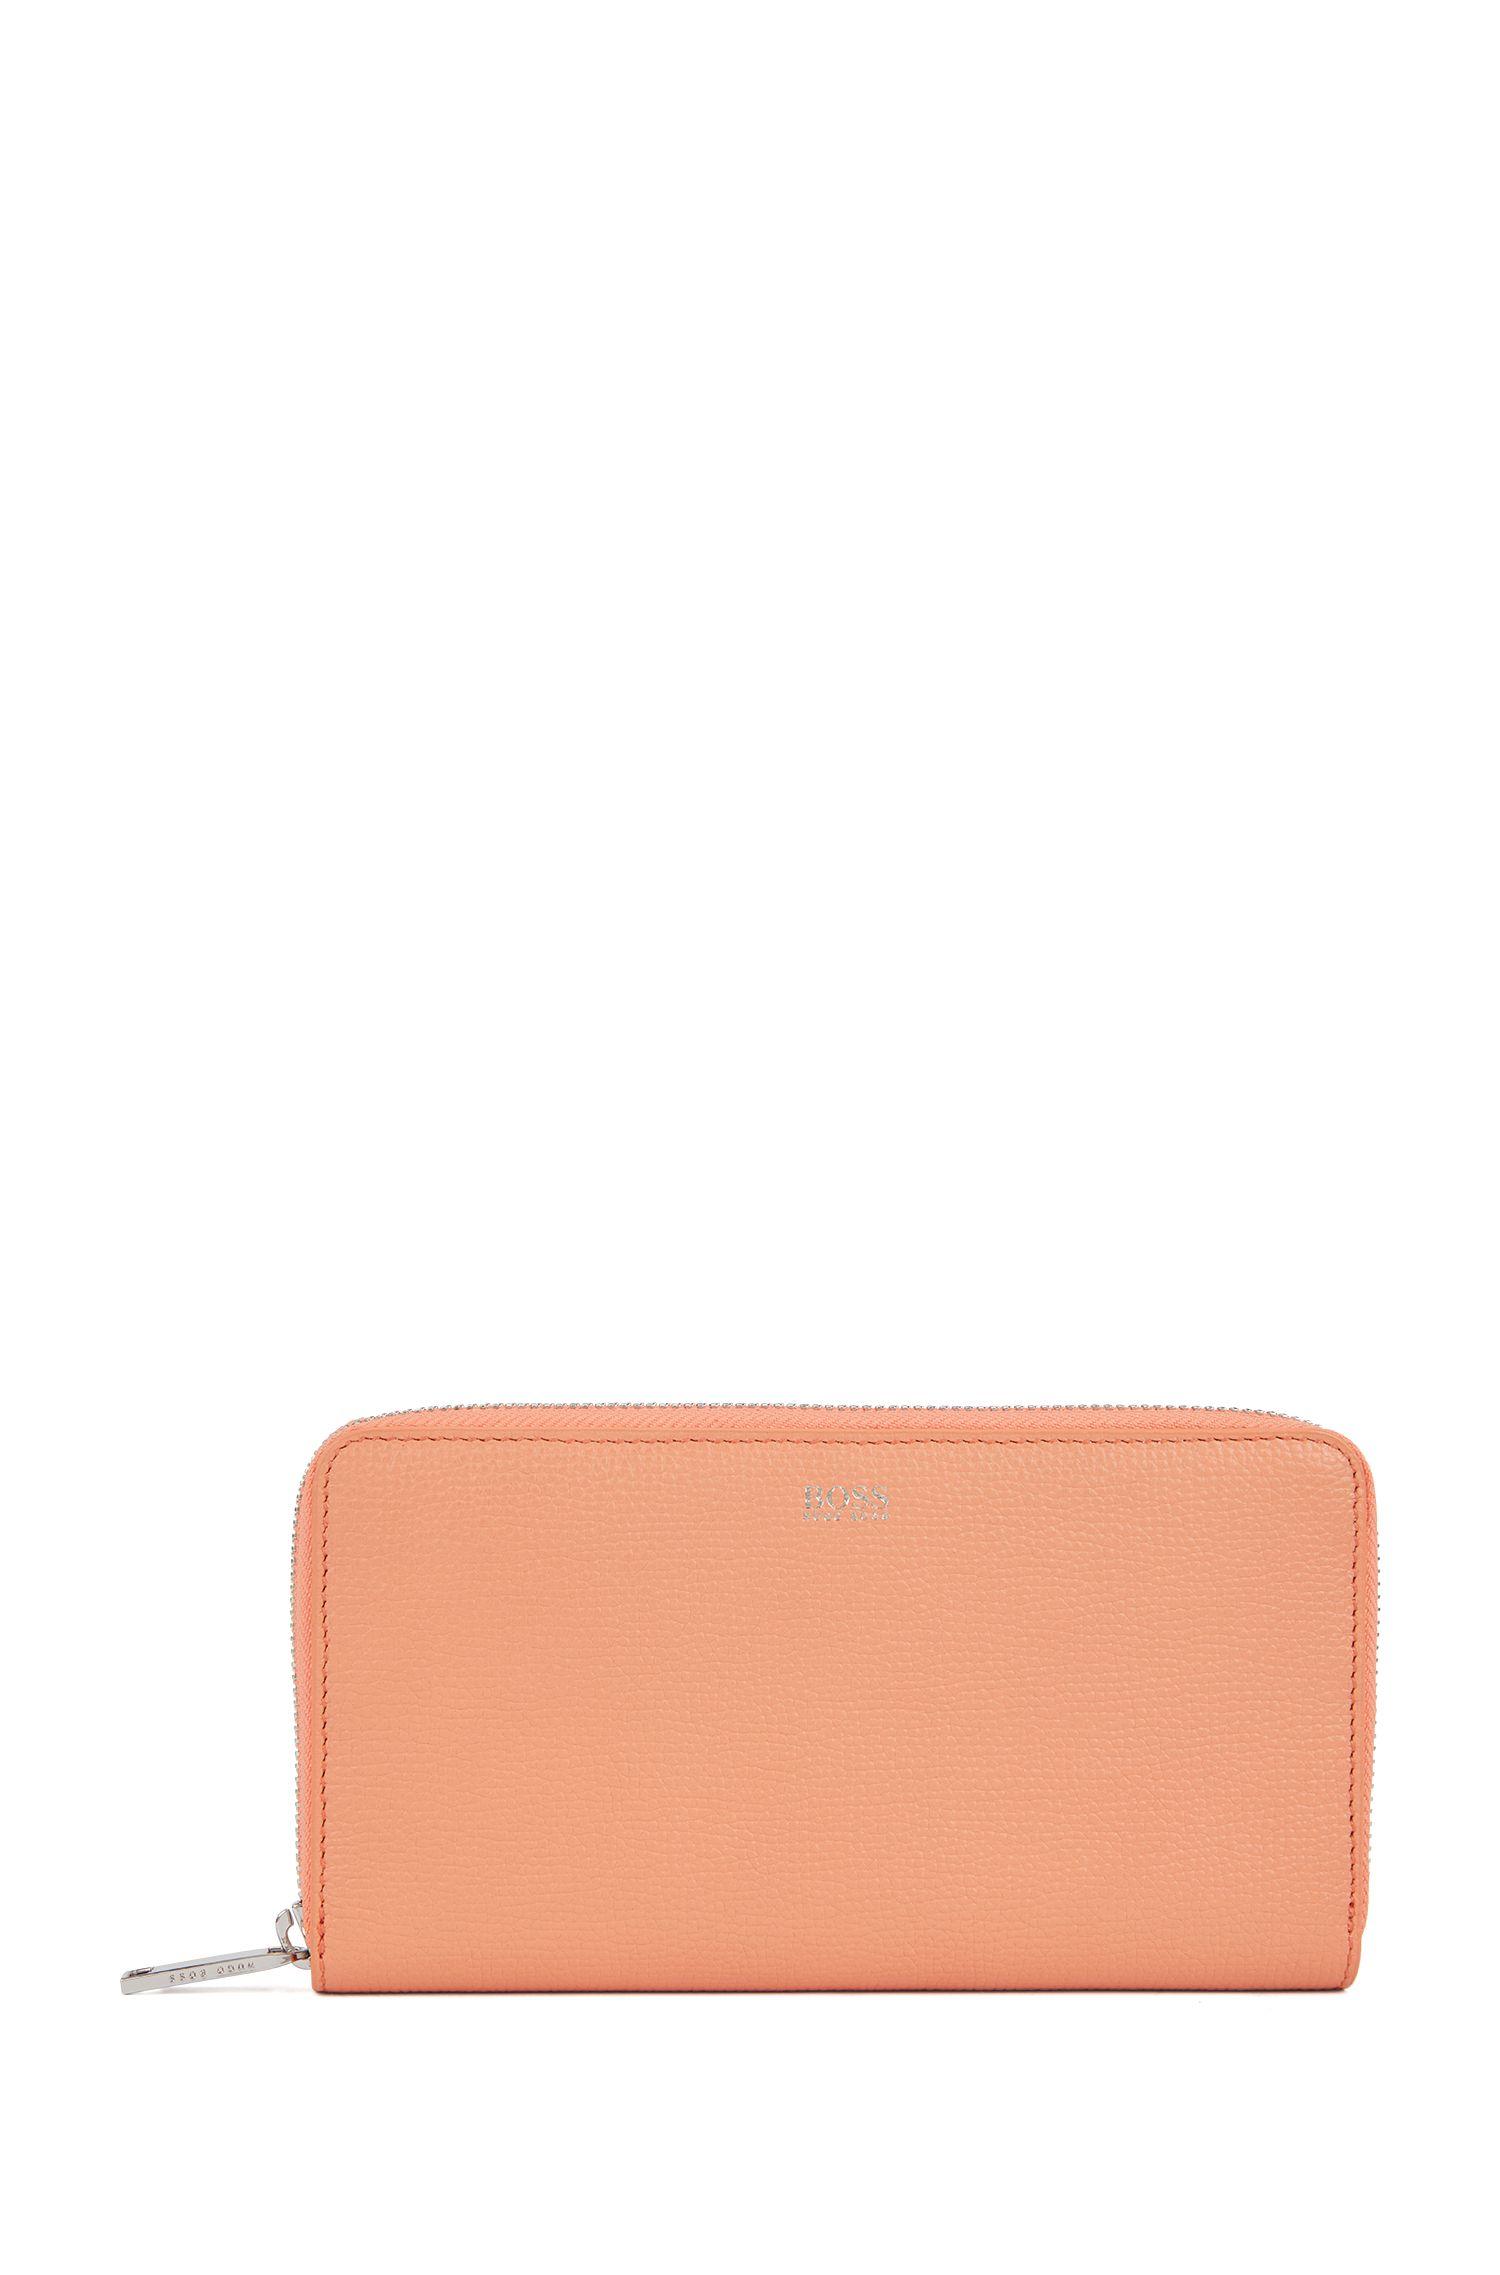 Portefeuille en cuir italien grainé, avec fermeture éclair circulaire, Orange